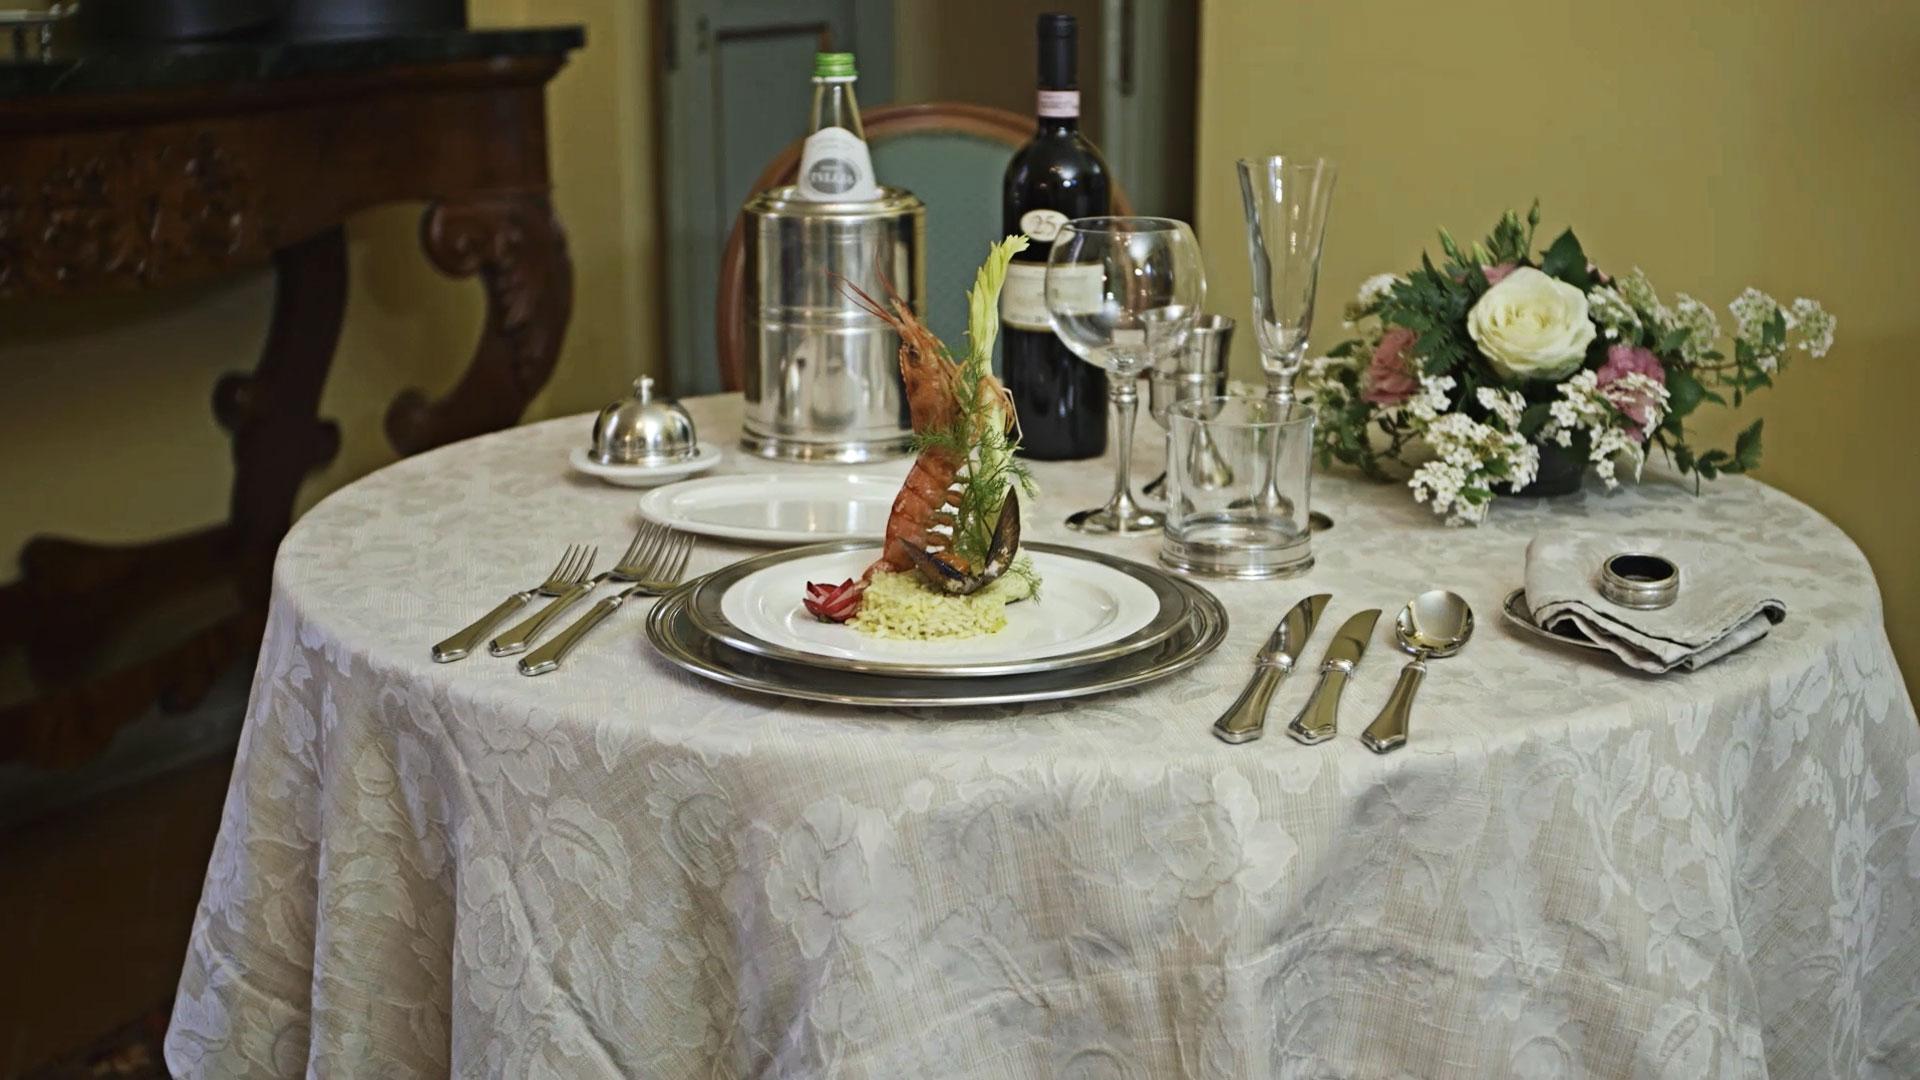 Partner Hotel Restaurant Cosi Tabellini - Restaurant table accessories